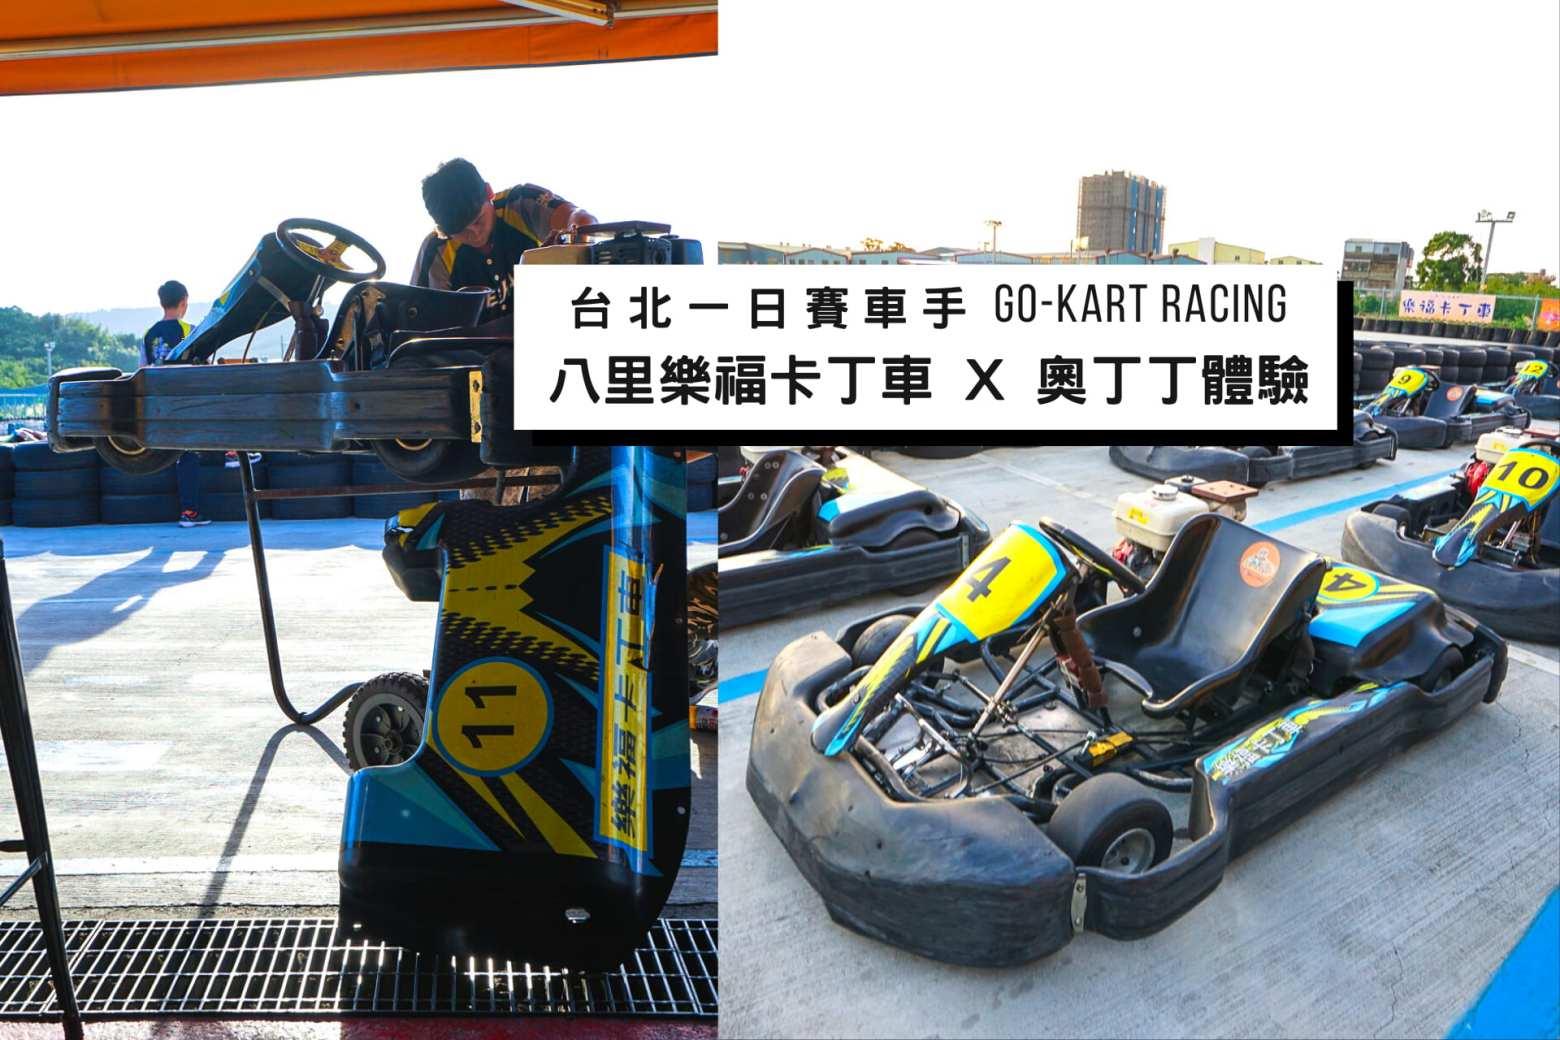 台北卡丁車》雙北唯一【樂福卡丁車】享受極速紓壓快感! 奧丁丁體驗活動